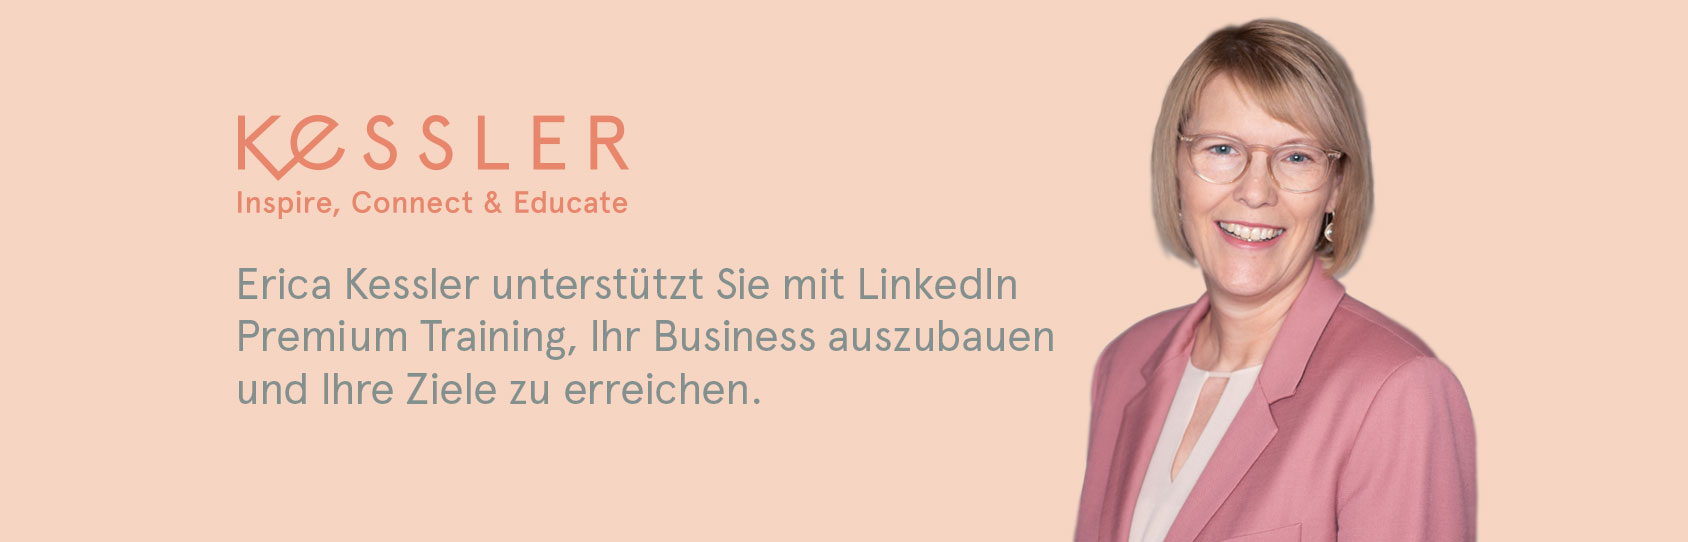 Erica Kessler unterstützt Sie mit LinkedIn Premium Training. Ihr Business auszubauen und Ihre Ziele zu erreichen.